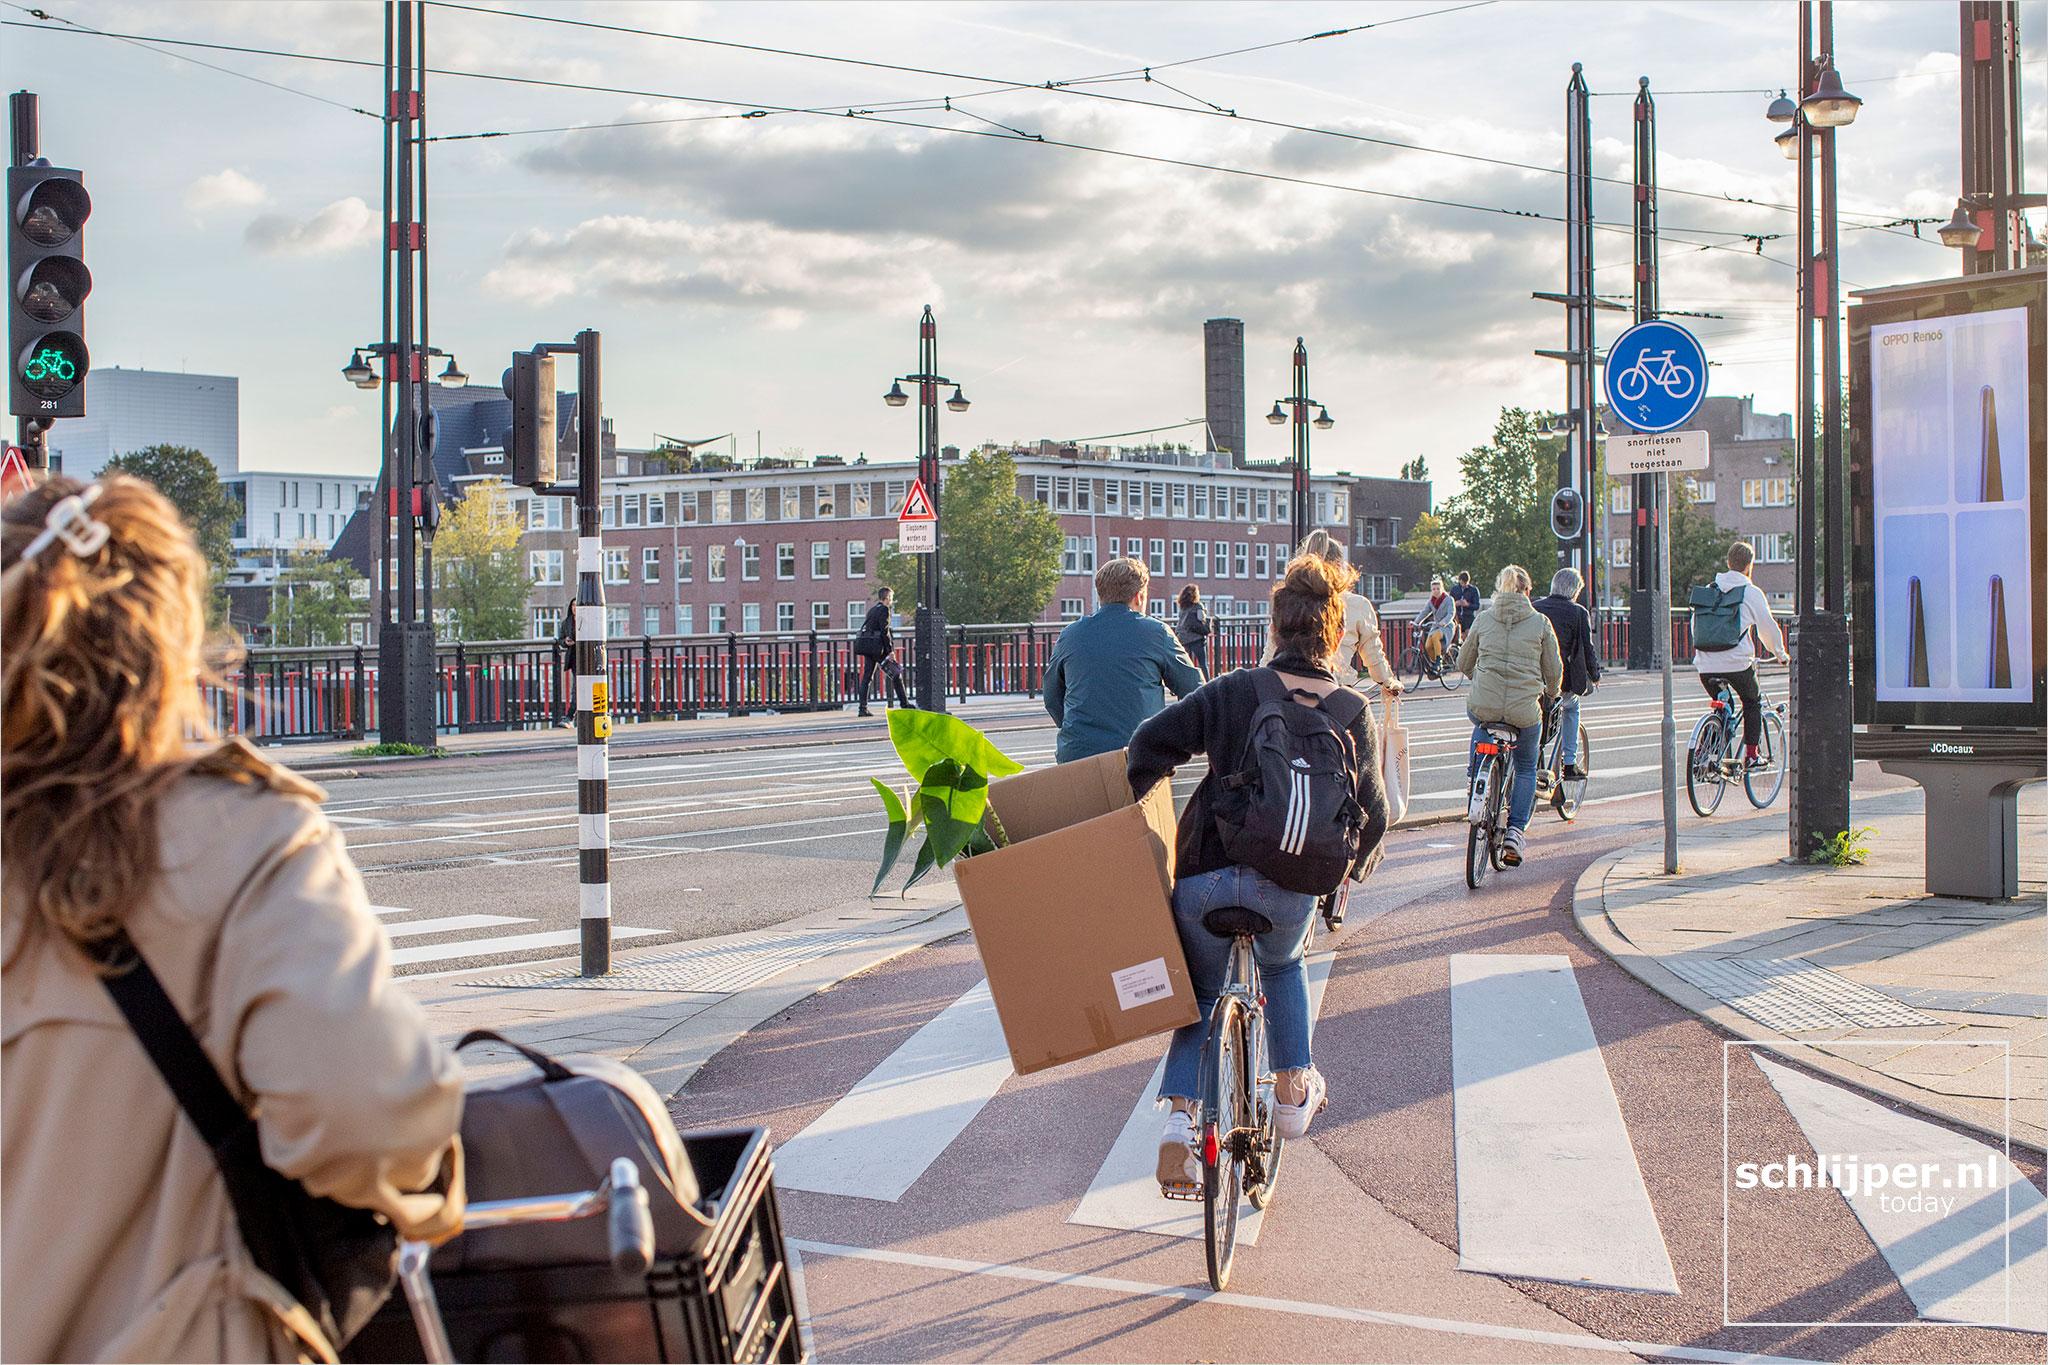 The Netherlands, Amsterdam, 20 september 2021